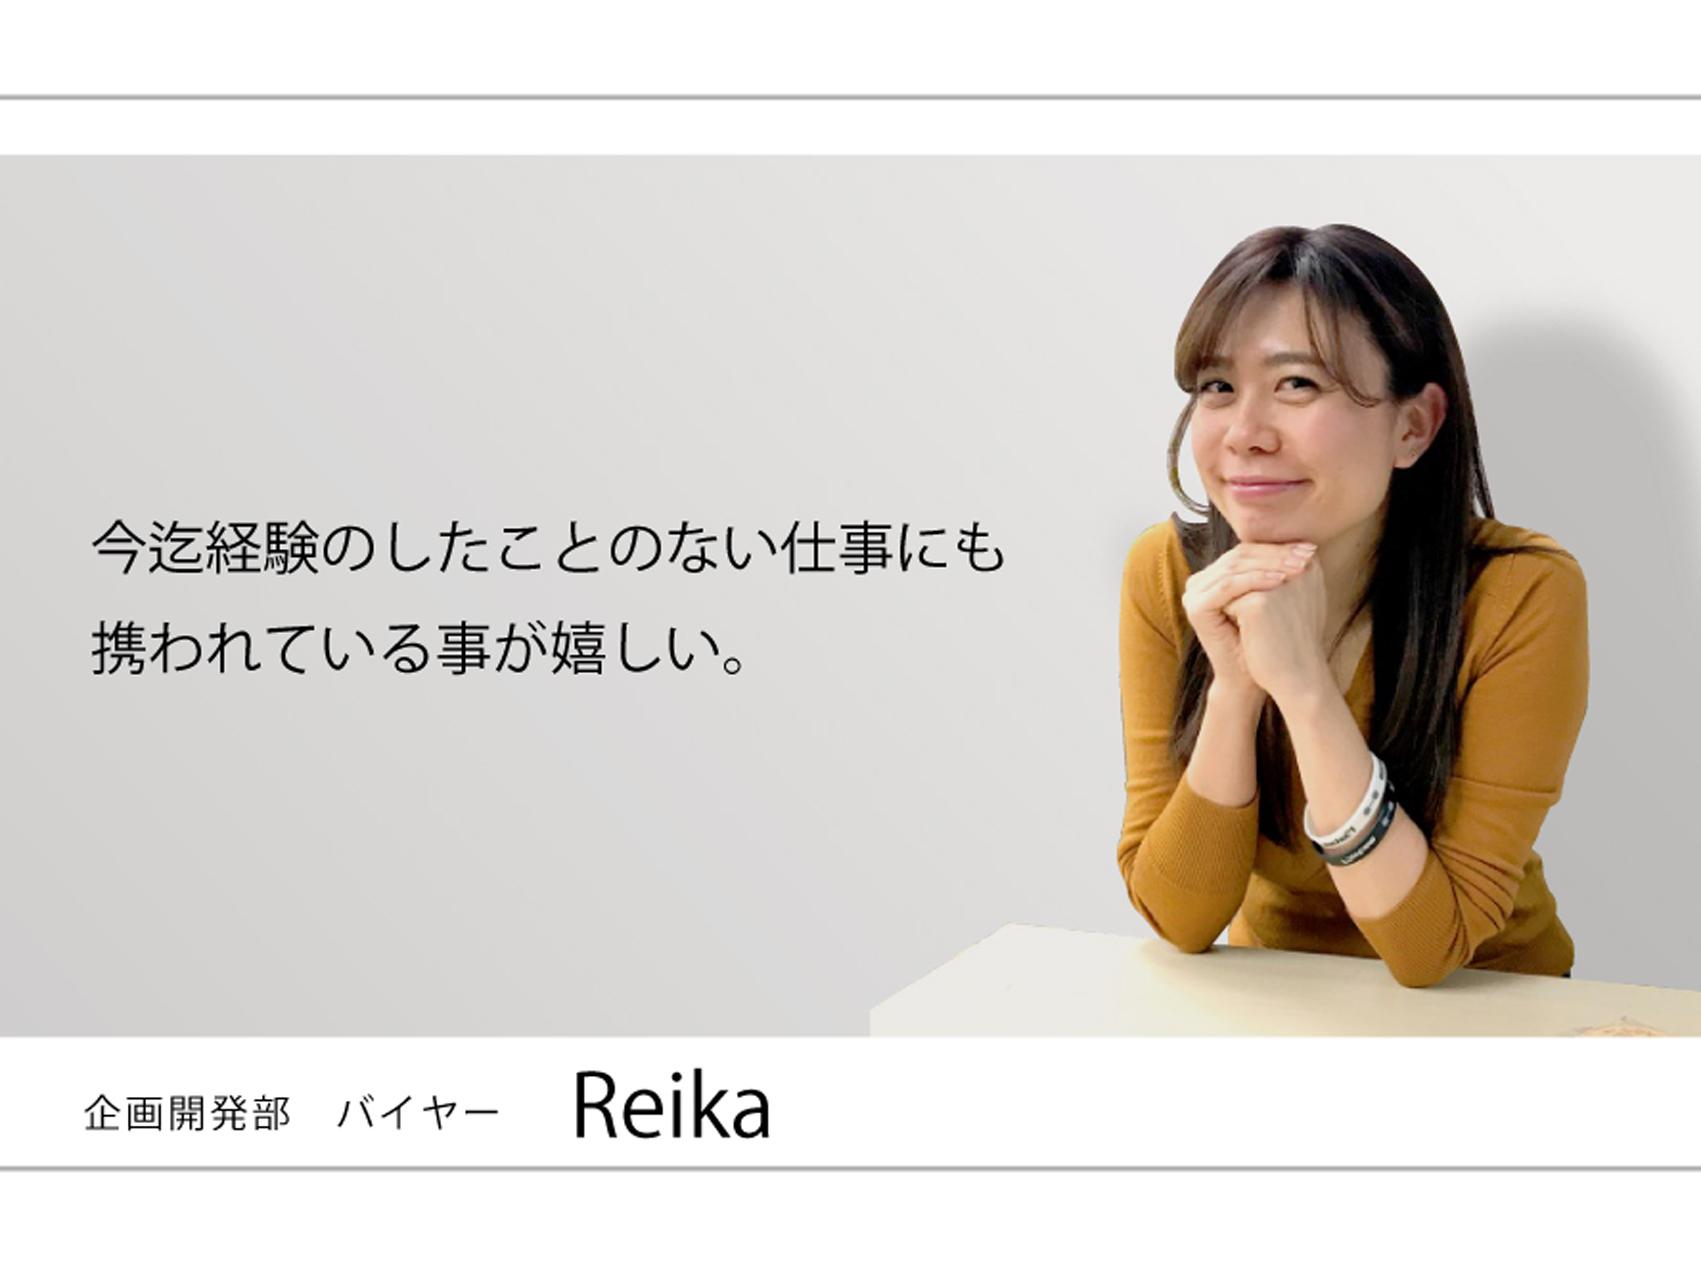 企画開発バイヤー R.Kの写真